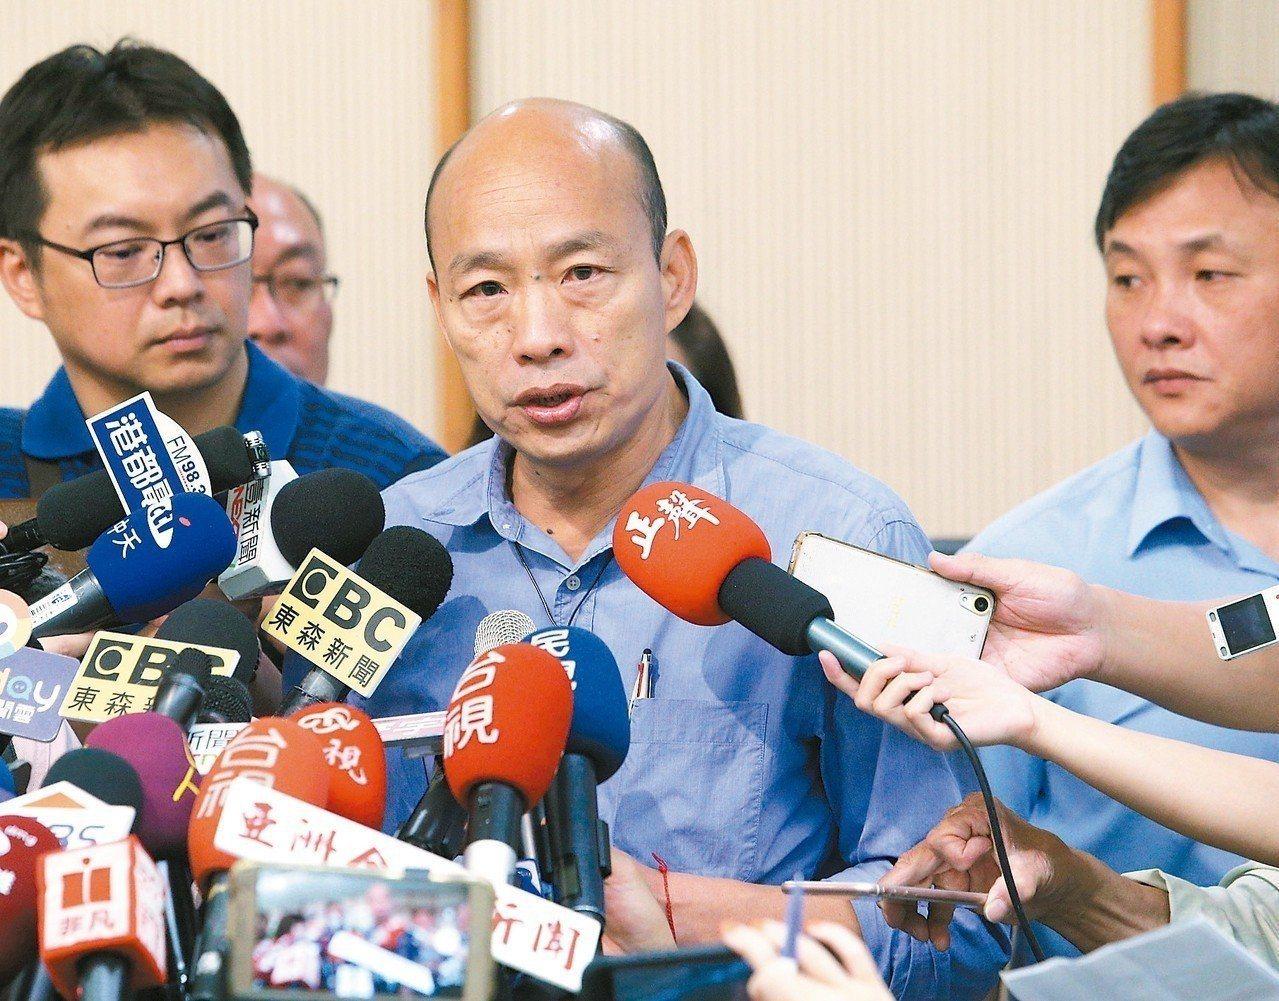 韓國瑜提出的「學貸免息」政策,遭教育部質疑有套利風險。圖/聯合報系資料照片